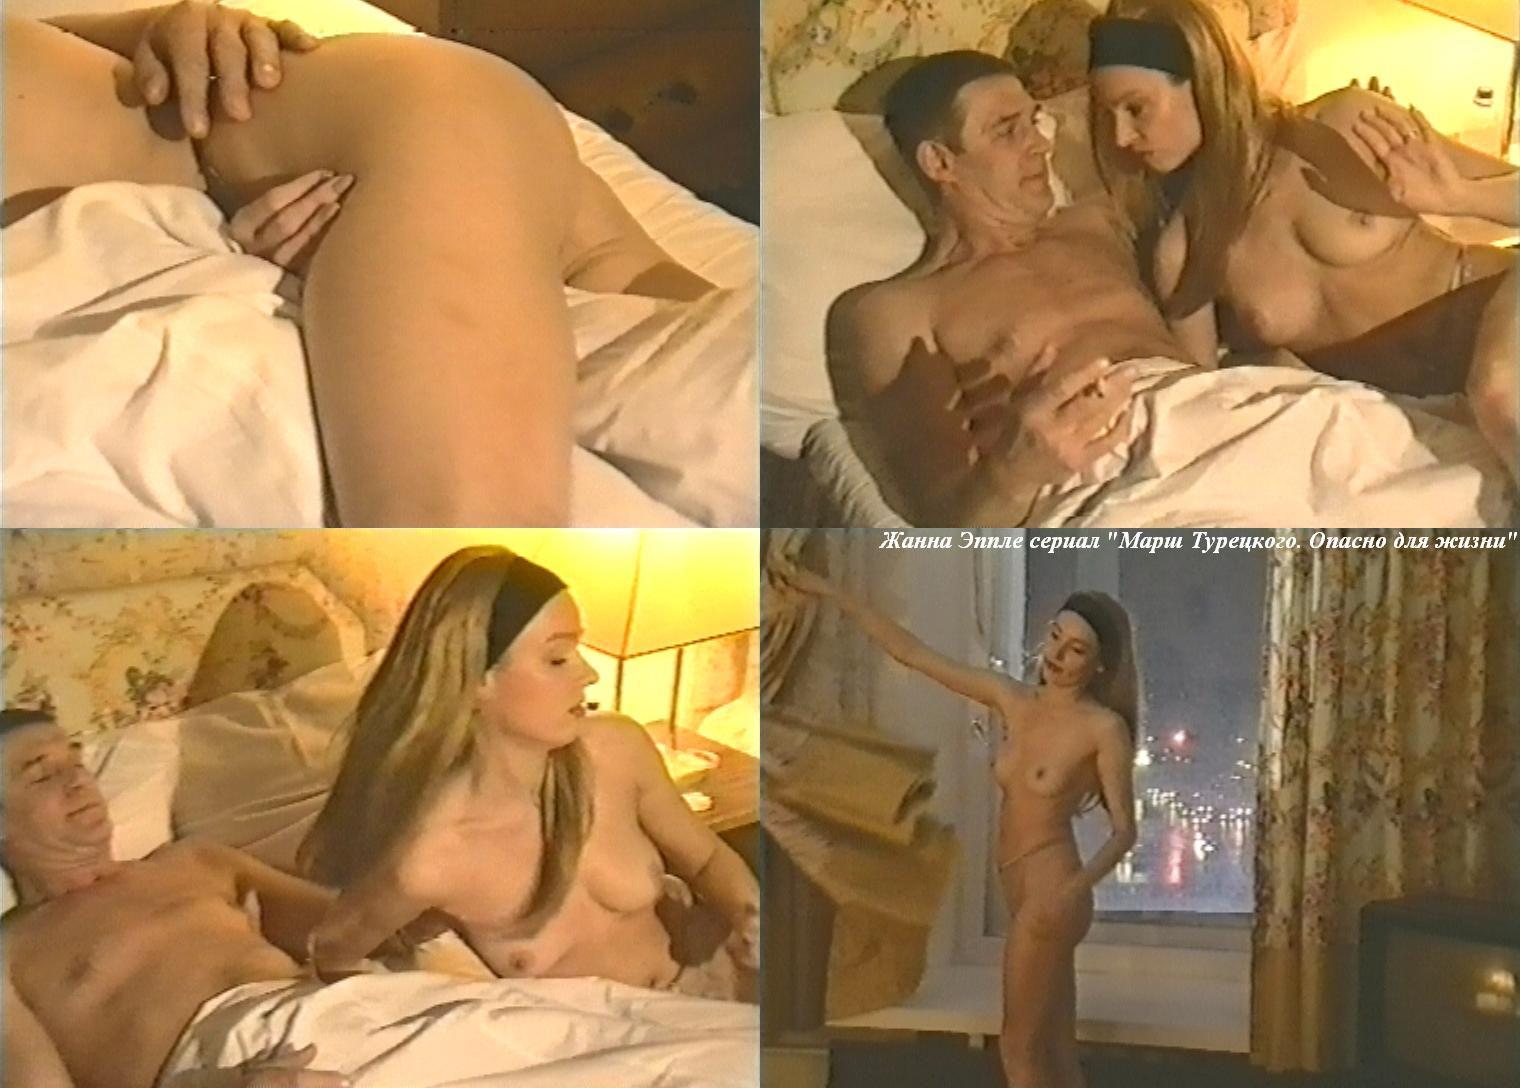 porno-stseni-iz-filmov-znamenitostey-russkie